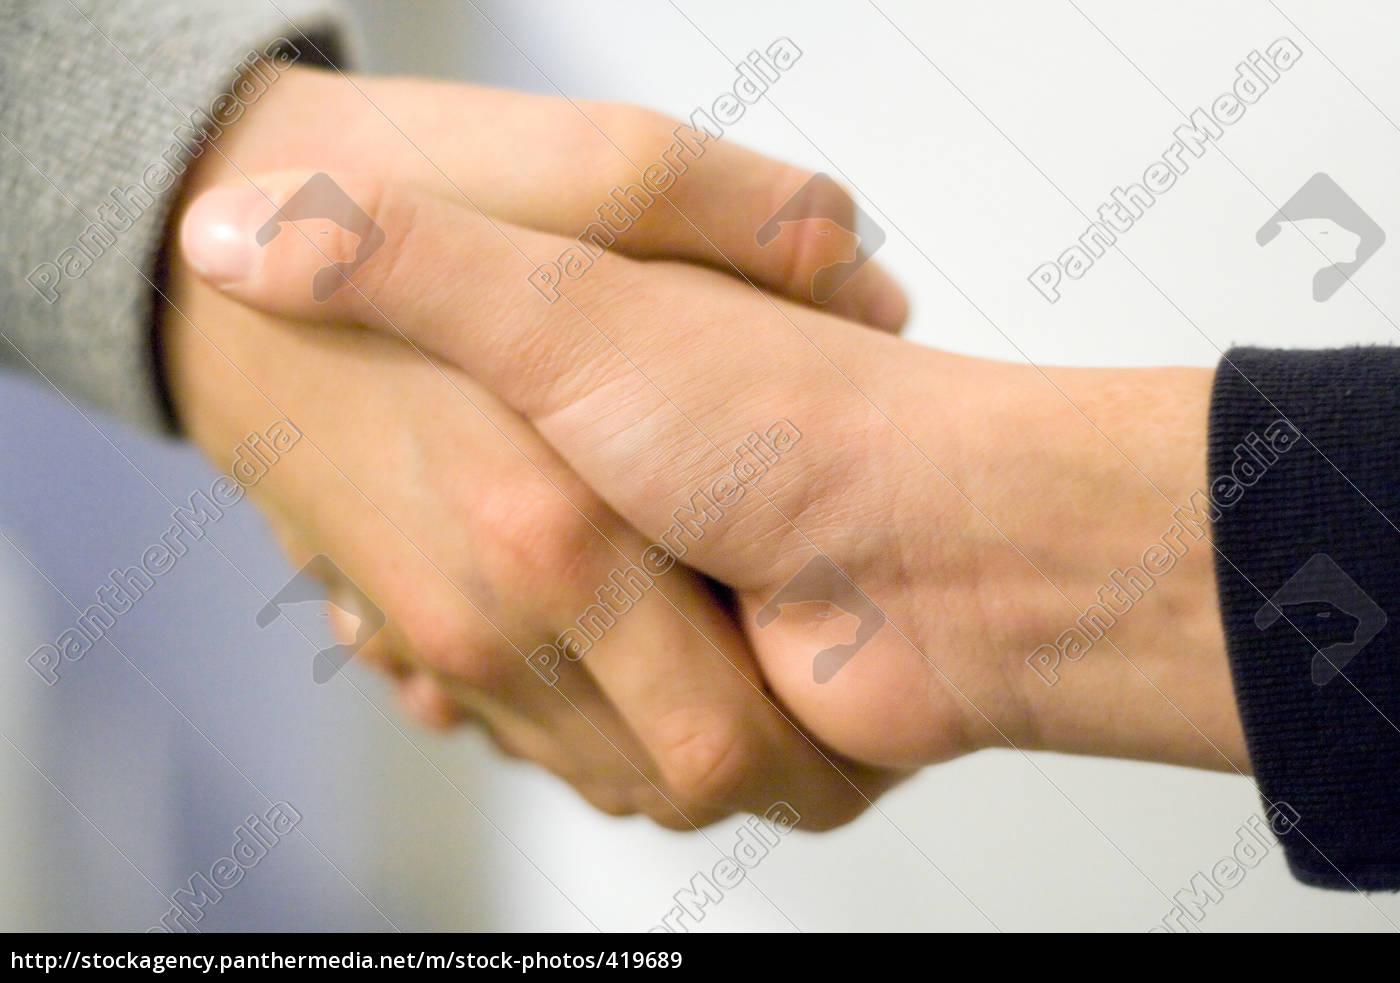 handshake - 419689